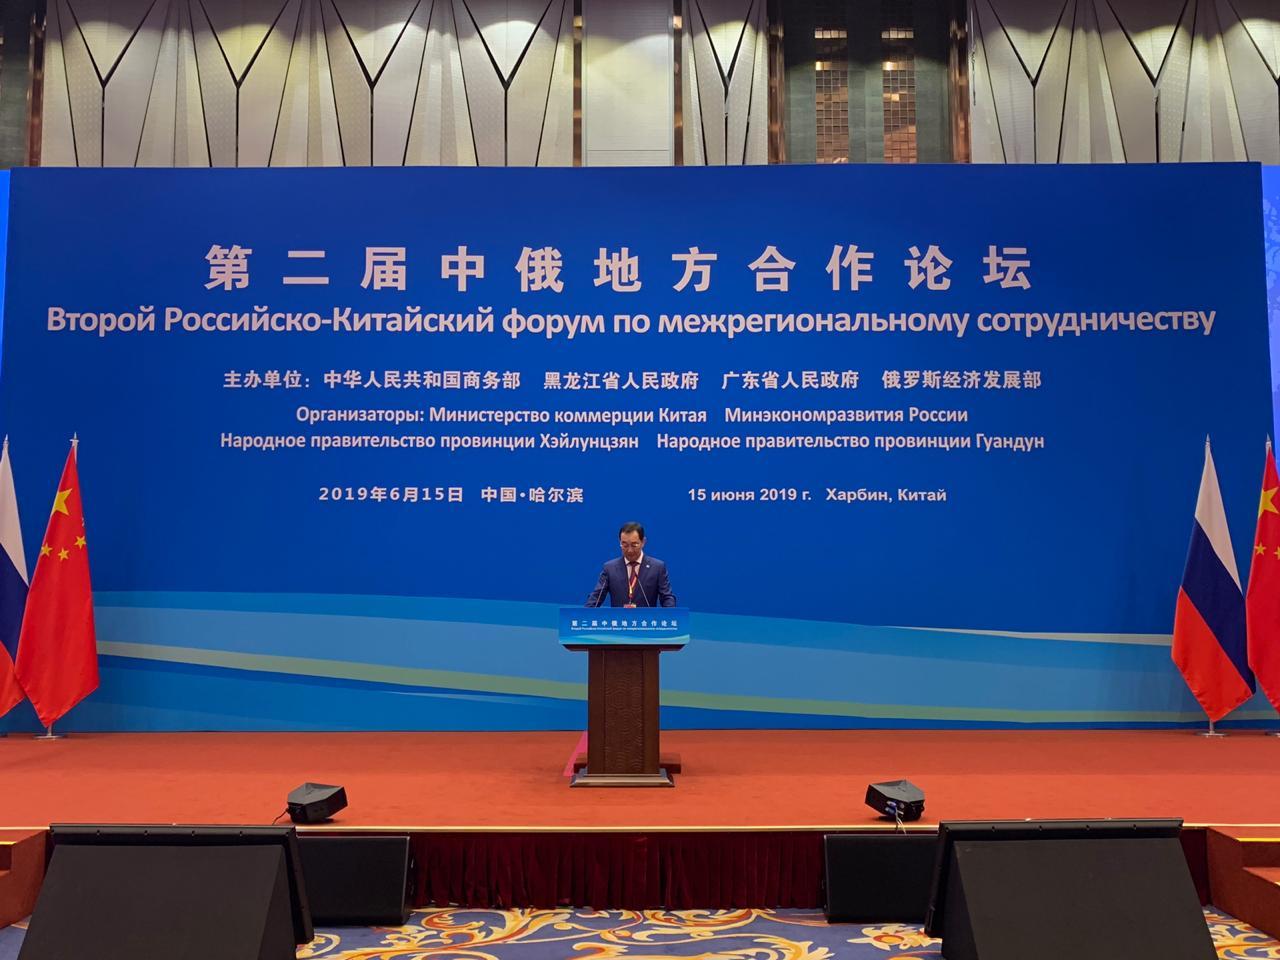 Айсен Николаев: Якутия готова предложить инвесторам крупные проекты